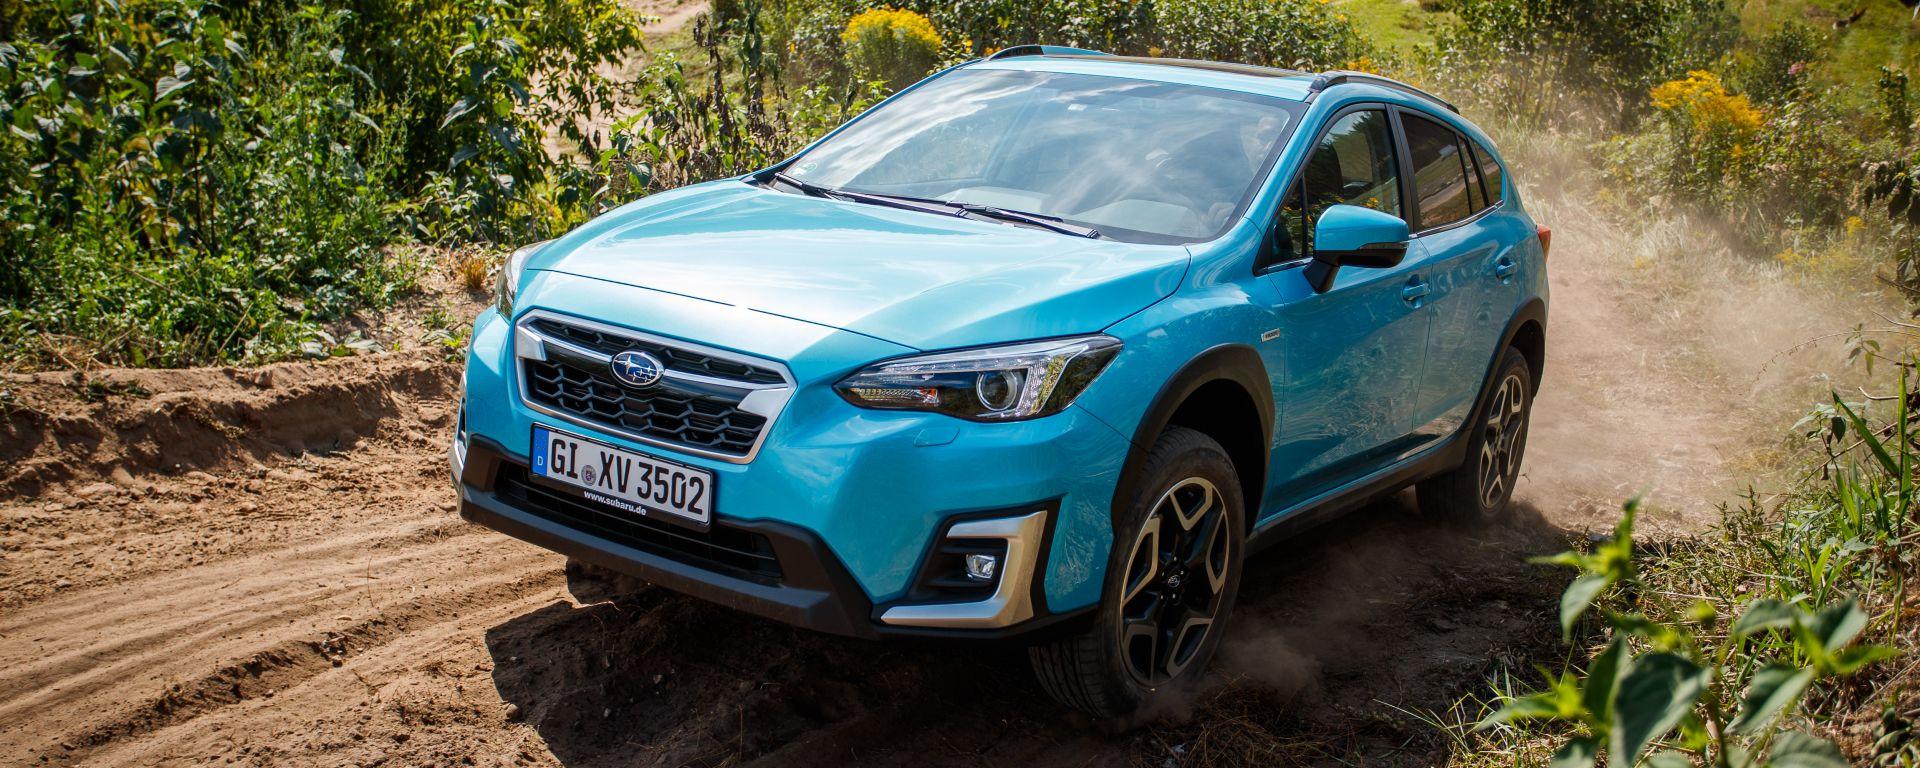 Subaru XV e-Boxer, svolta ibrida. Il test on-road e off-road